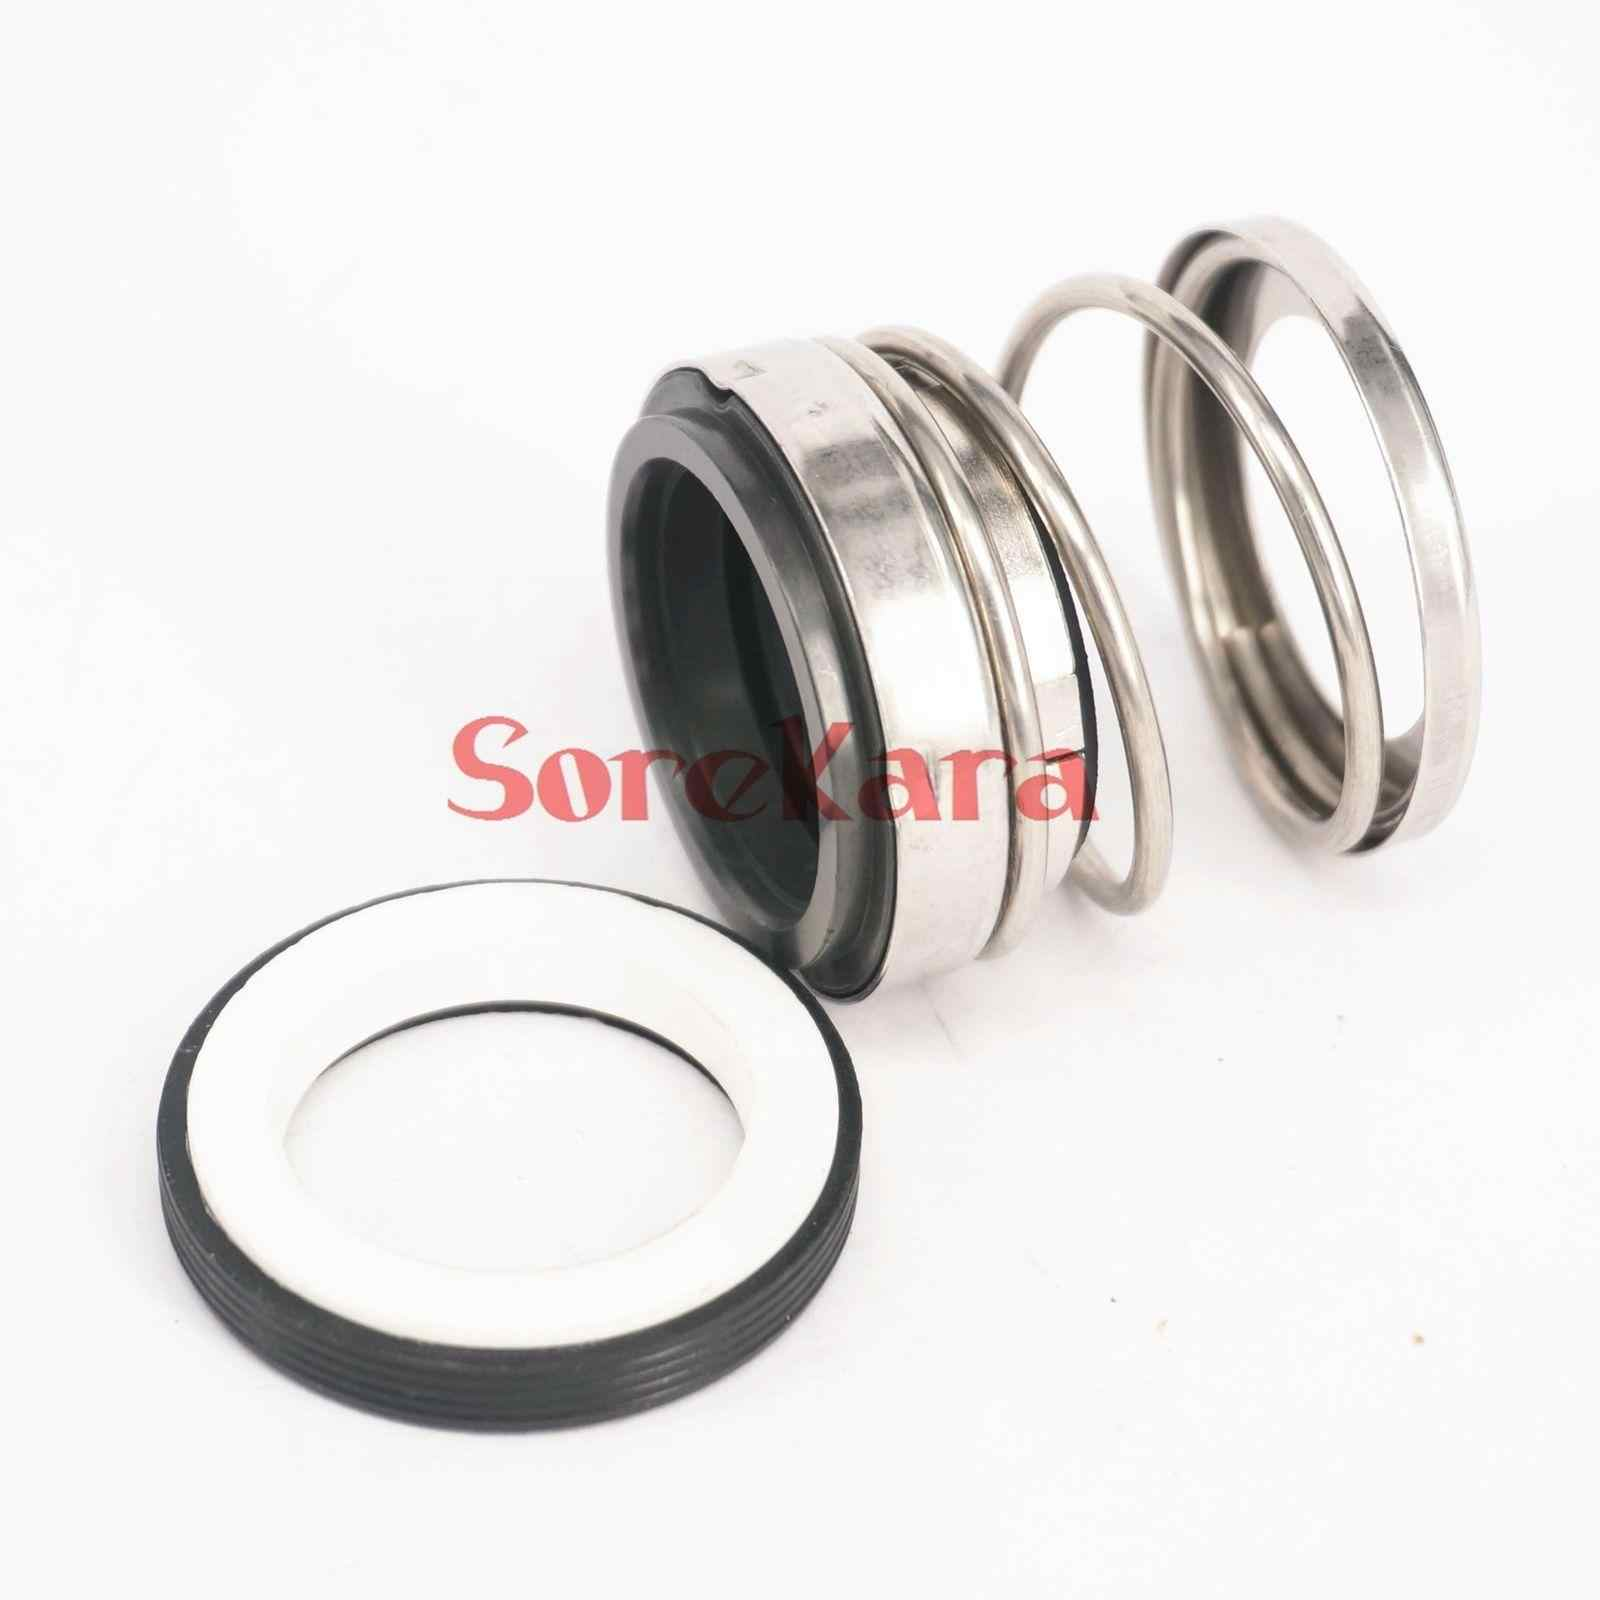 12-40mm Binnendiameter Waterpomp Mechanische asafdichting Single Coil Spring Cermic/Carbon Voor Schoon Water pomp In-line Pompen